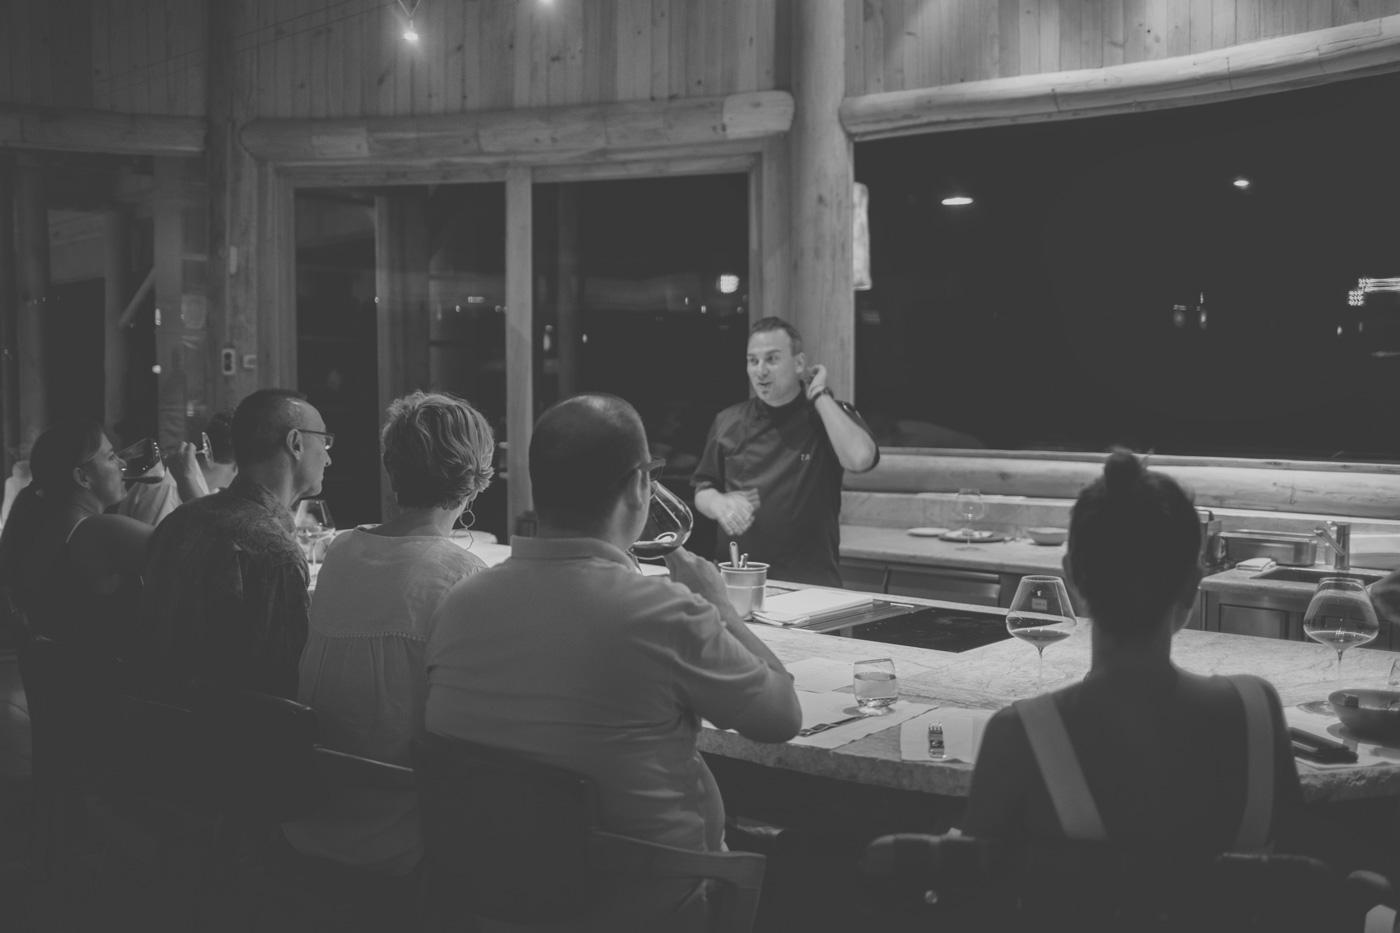 Tim Raue unterhält sich mit seinen Gästen in der Küche